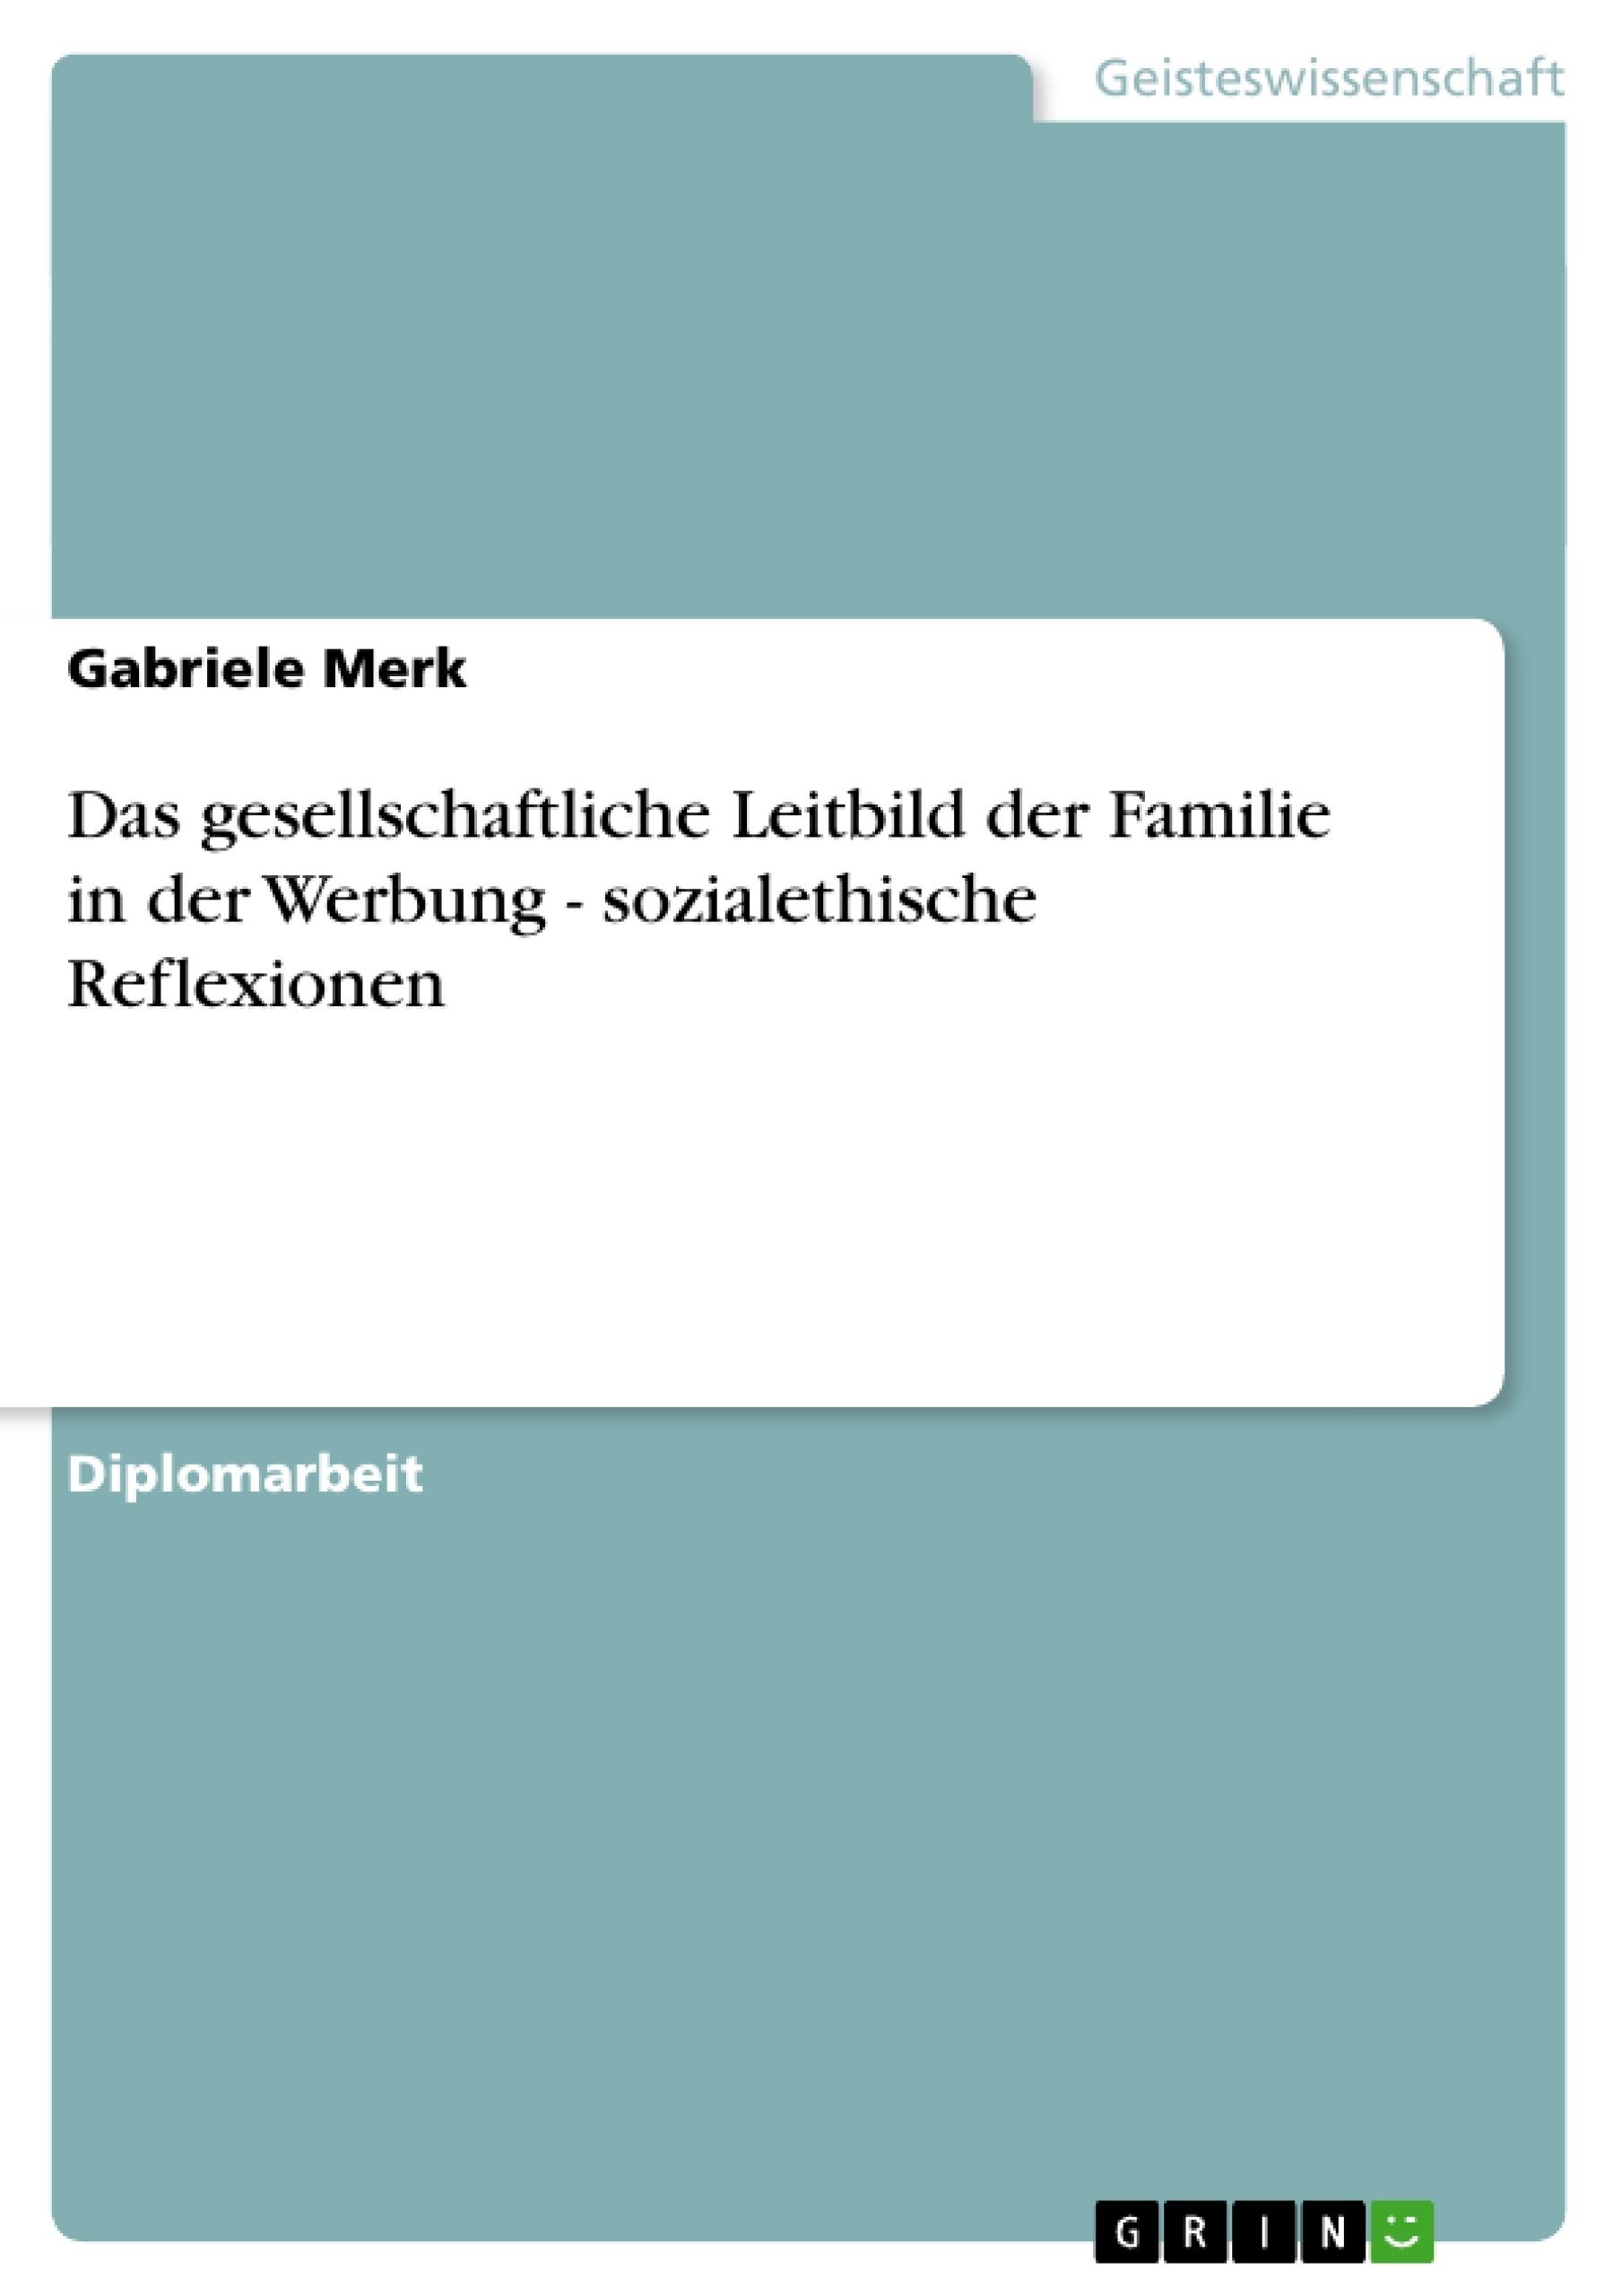 Titel: Das gesellschaftliche Leitbild der Familie in der Werbung - sozialethische Reflexionen